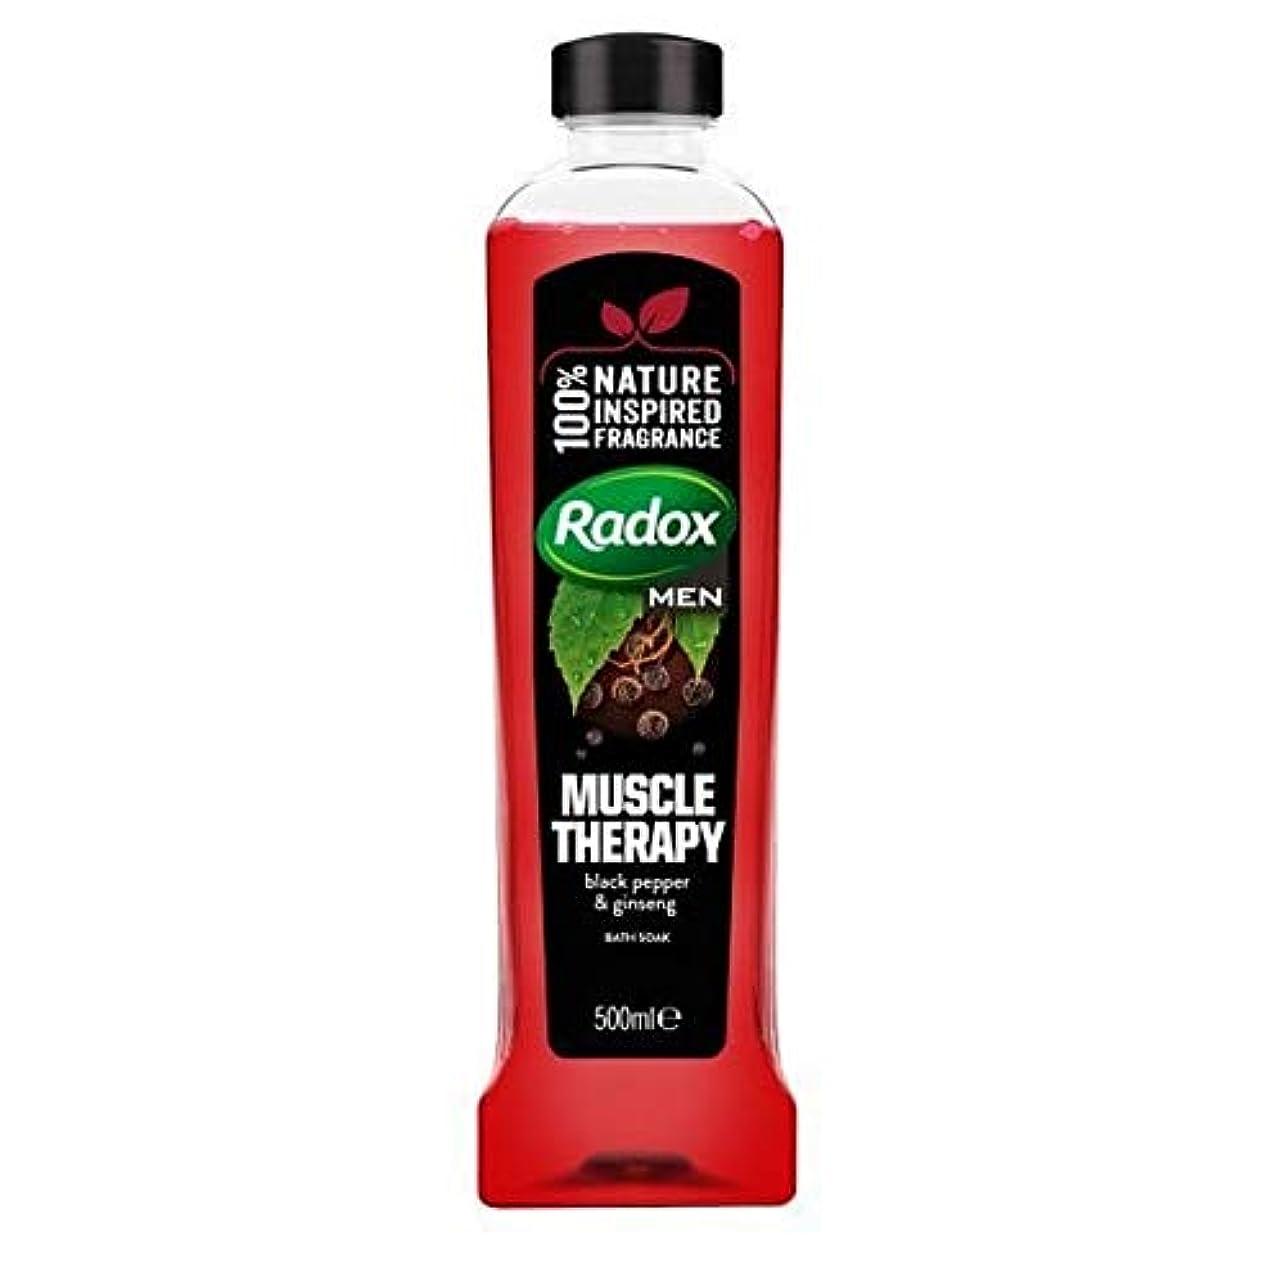 内部暖炉審判[Radox] Radoxは、500ミリリットルのソーク良い香り筋肉の治療風呂を感じます - Radox Feel Good Fragrance Muscle Therapy Bath Soak 500ml [並行輸入品]